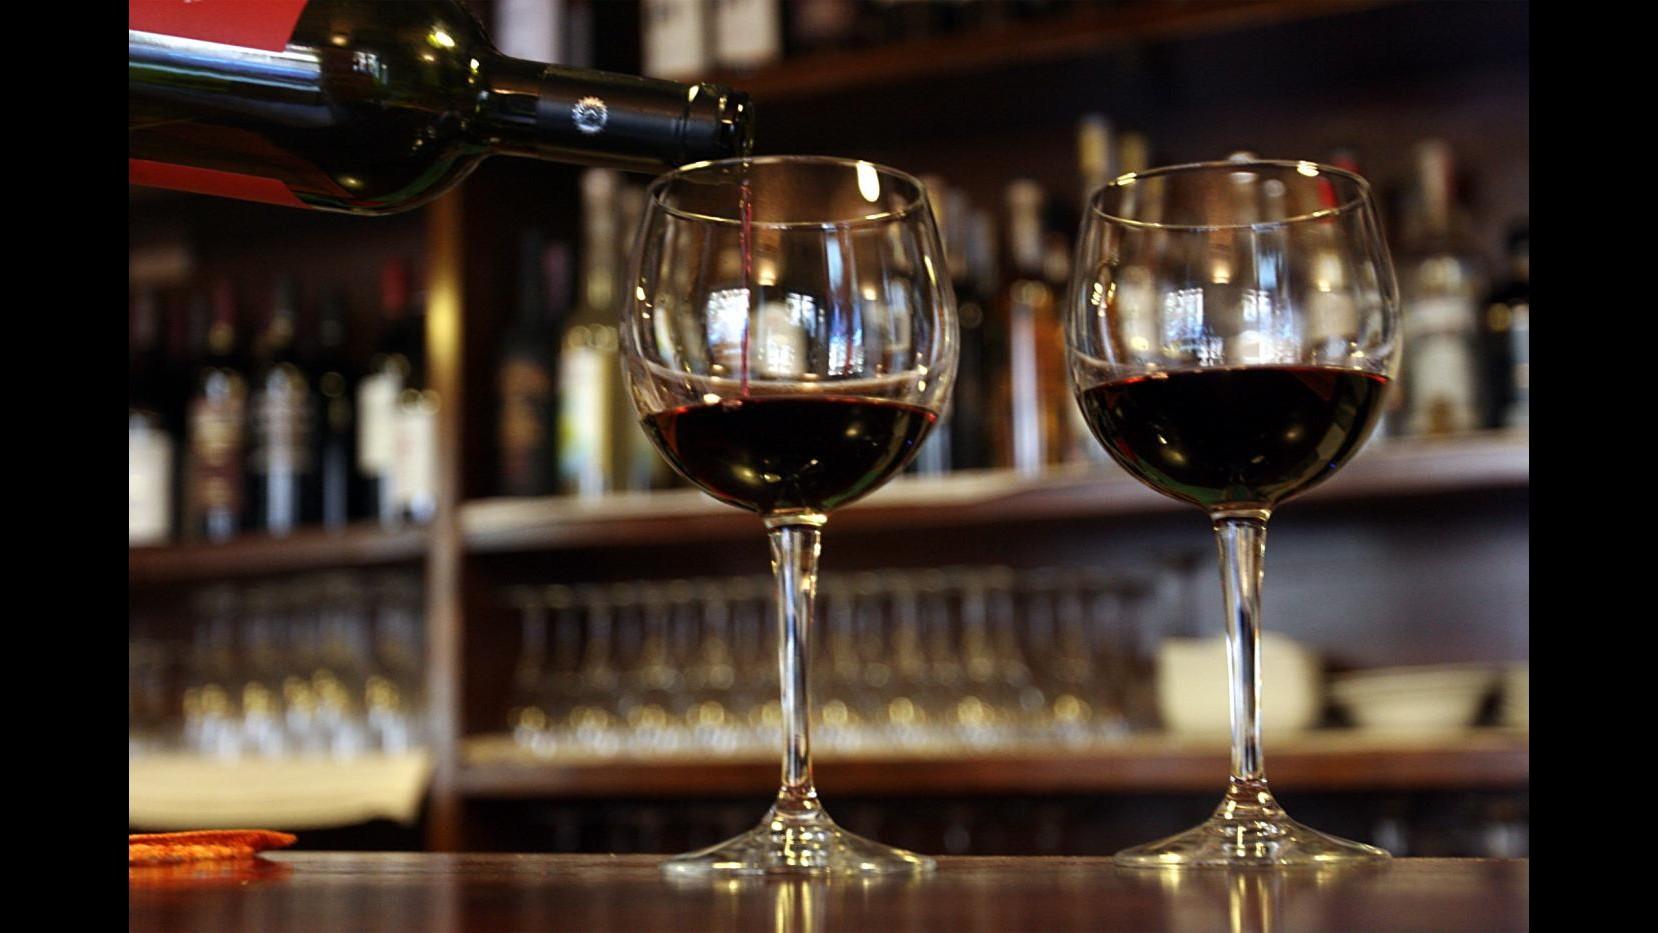 Coldiretti: record export vino italiano nel 2011, fatturato 4 mld